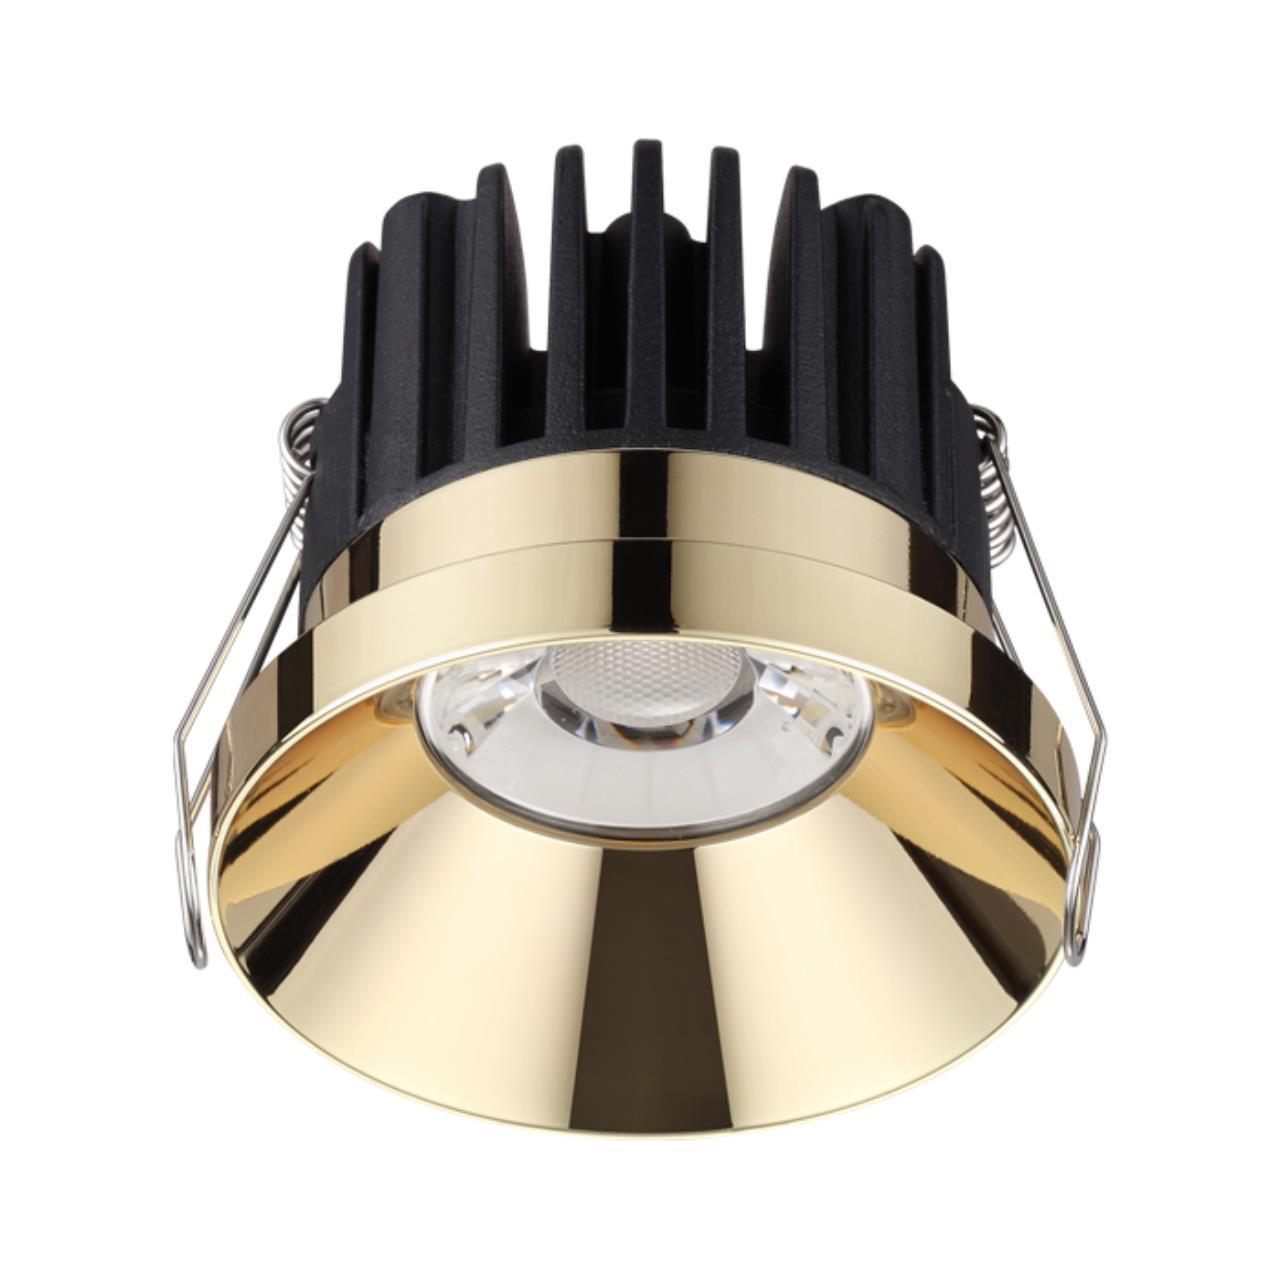 357909 SPOT NT19 088 золото Светильник встраиваемый IP44 LED 3000К 10W 100-265V METIS